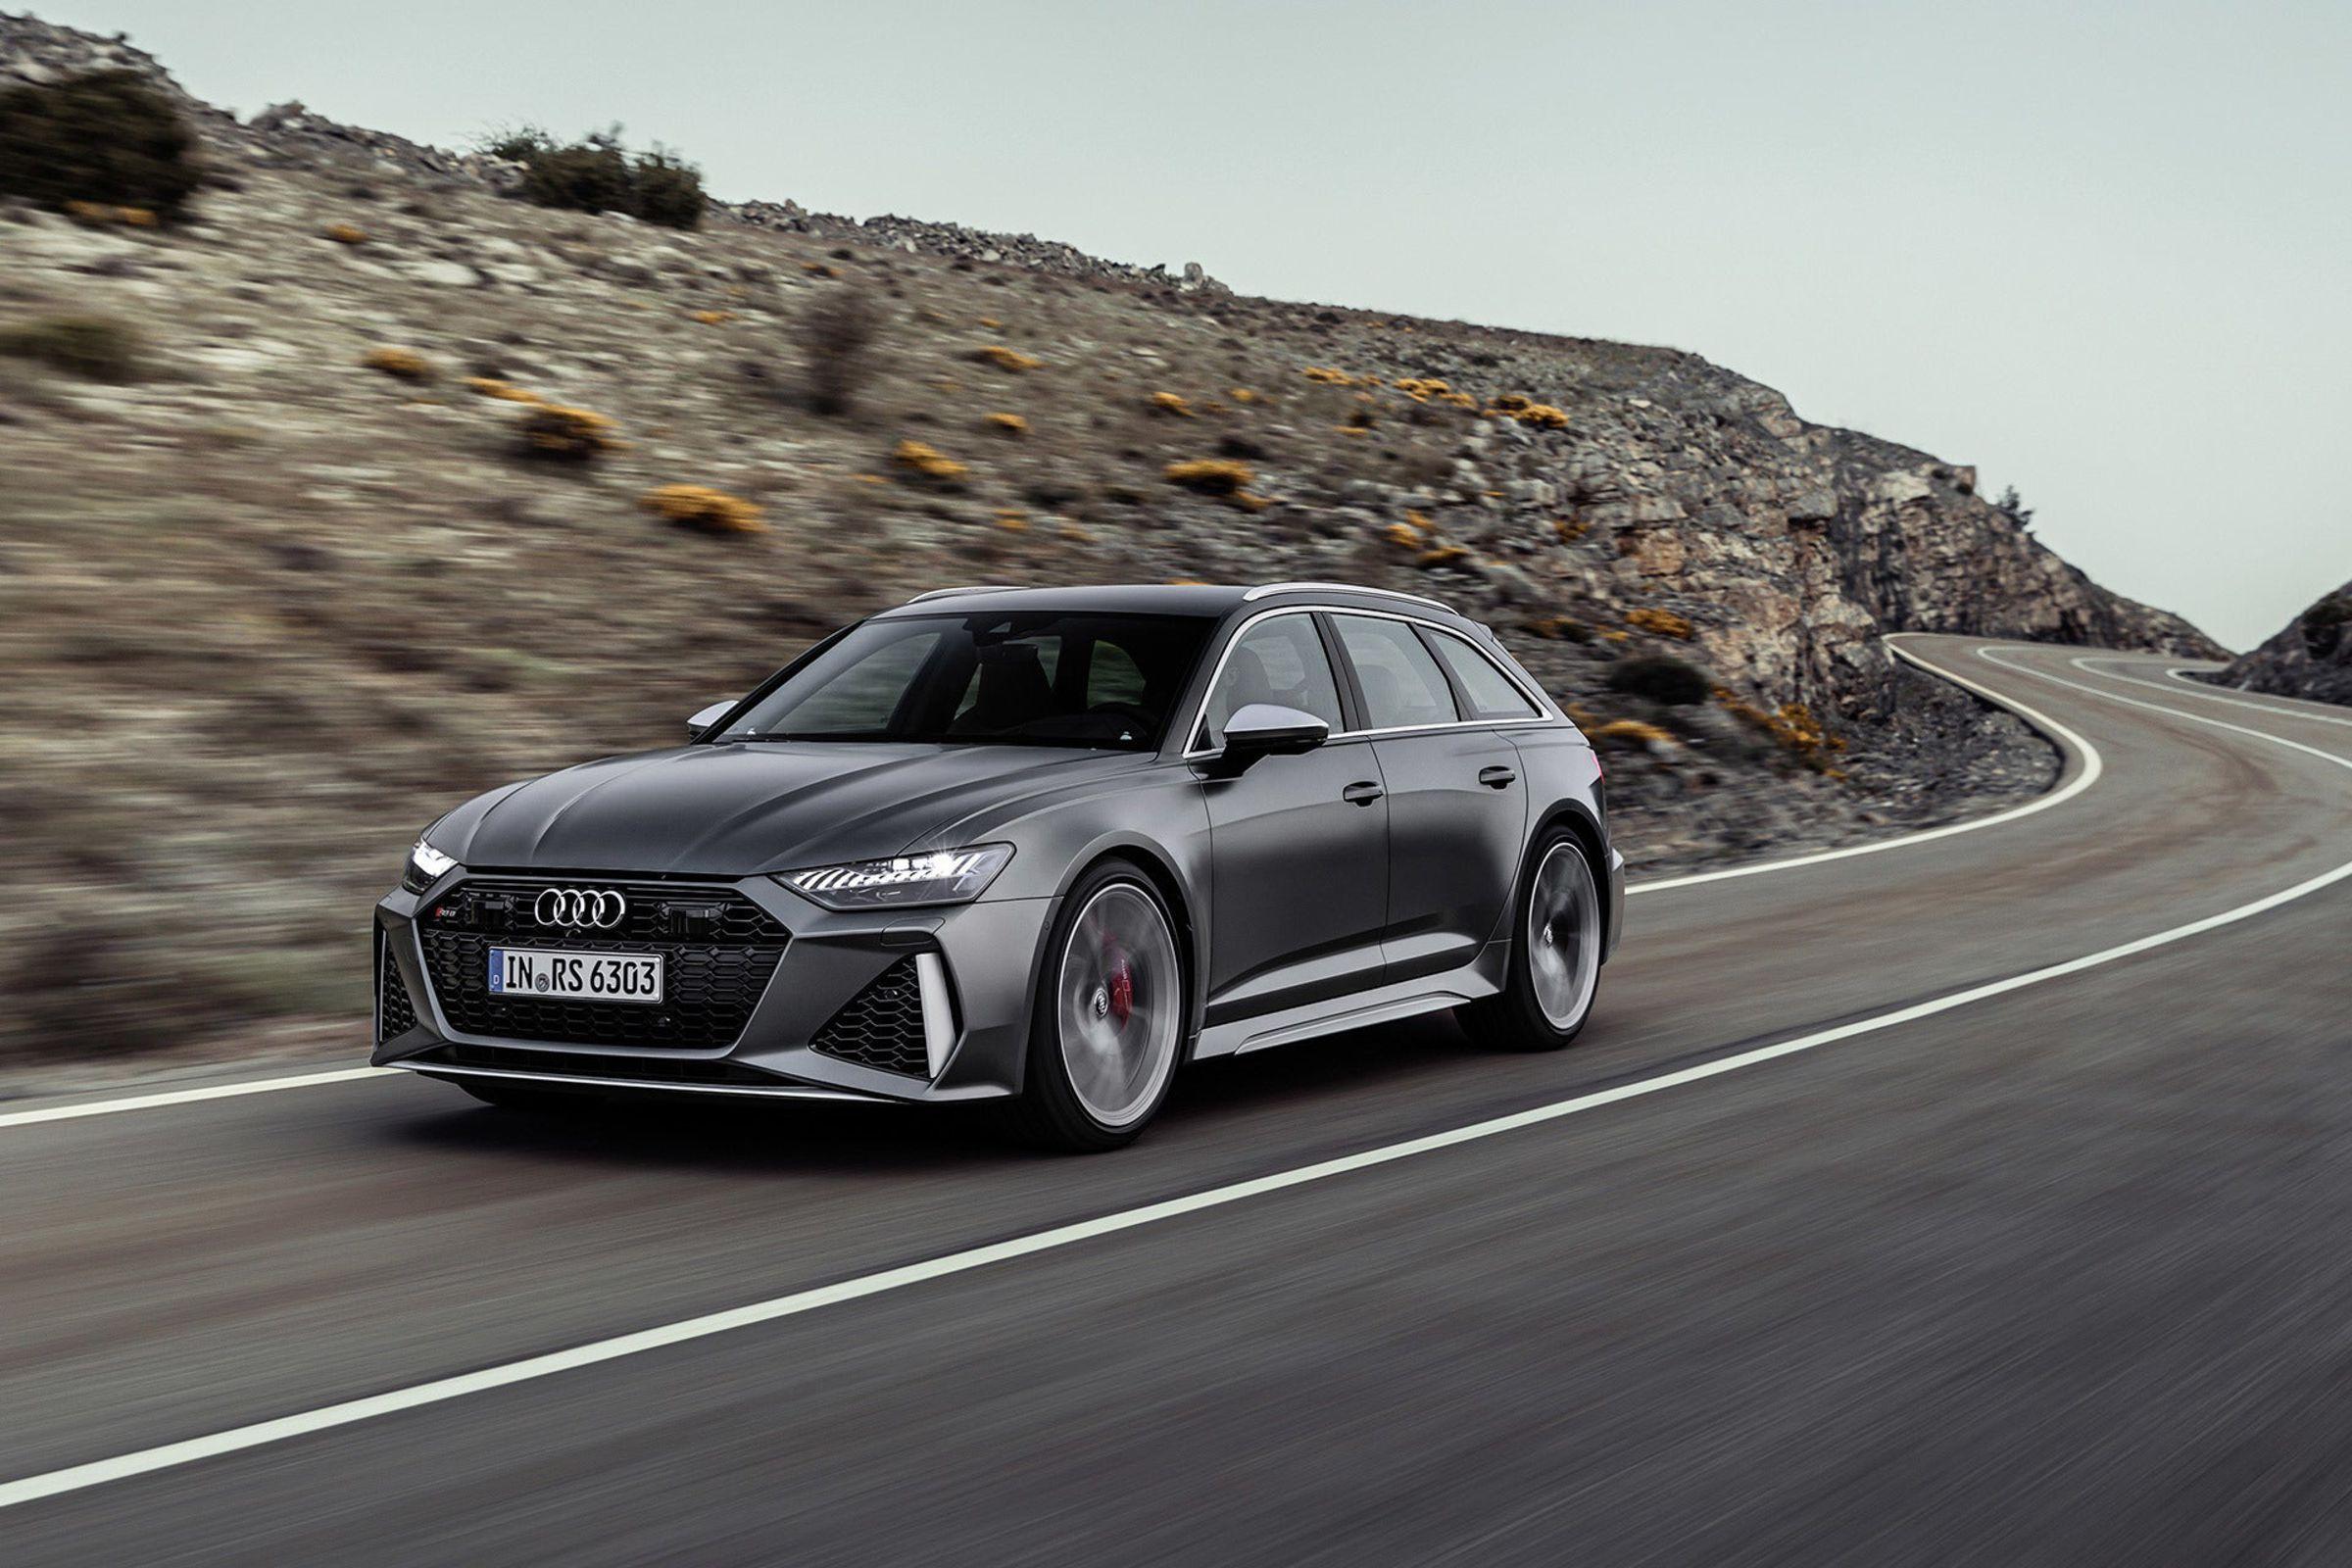 Primeros detalles del Audi RS6 Avant 2020